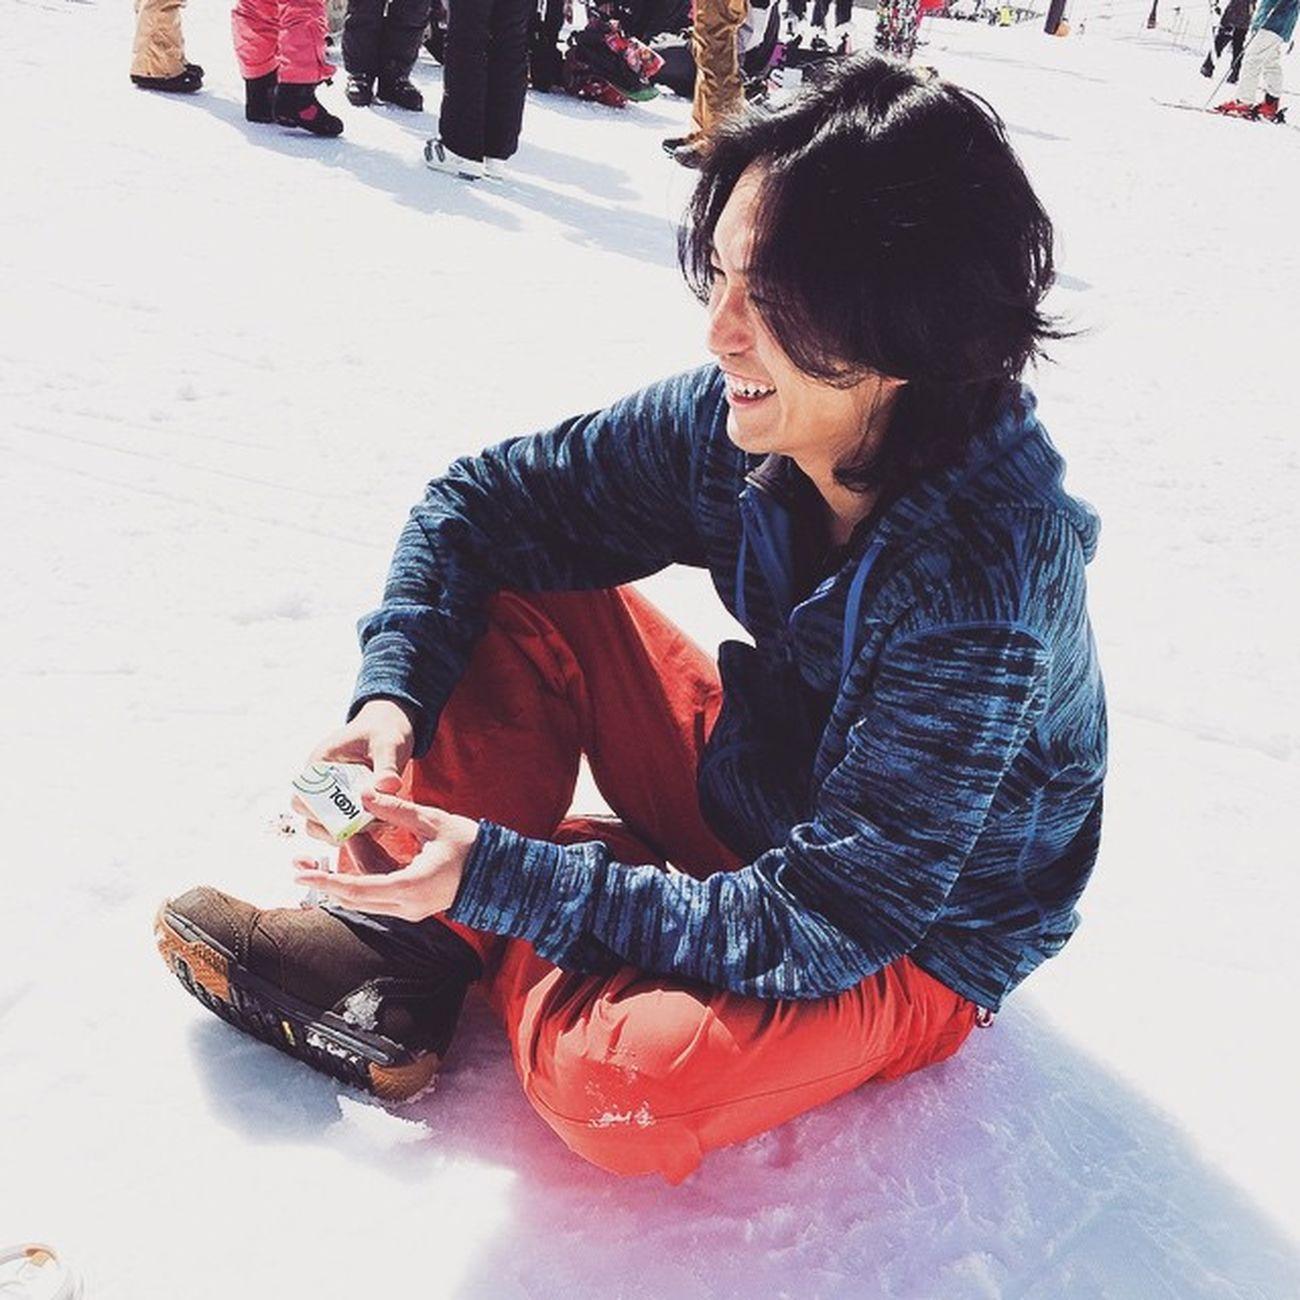 事故って腰をヤラれたトモティー。滑り出し2時間でスノーボードで終了。ウッシーの呪い 馬場の呪い 栂池 白馬